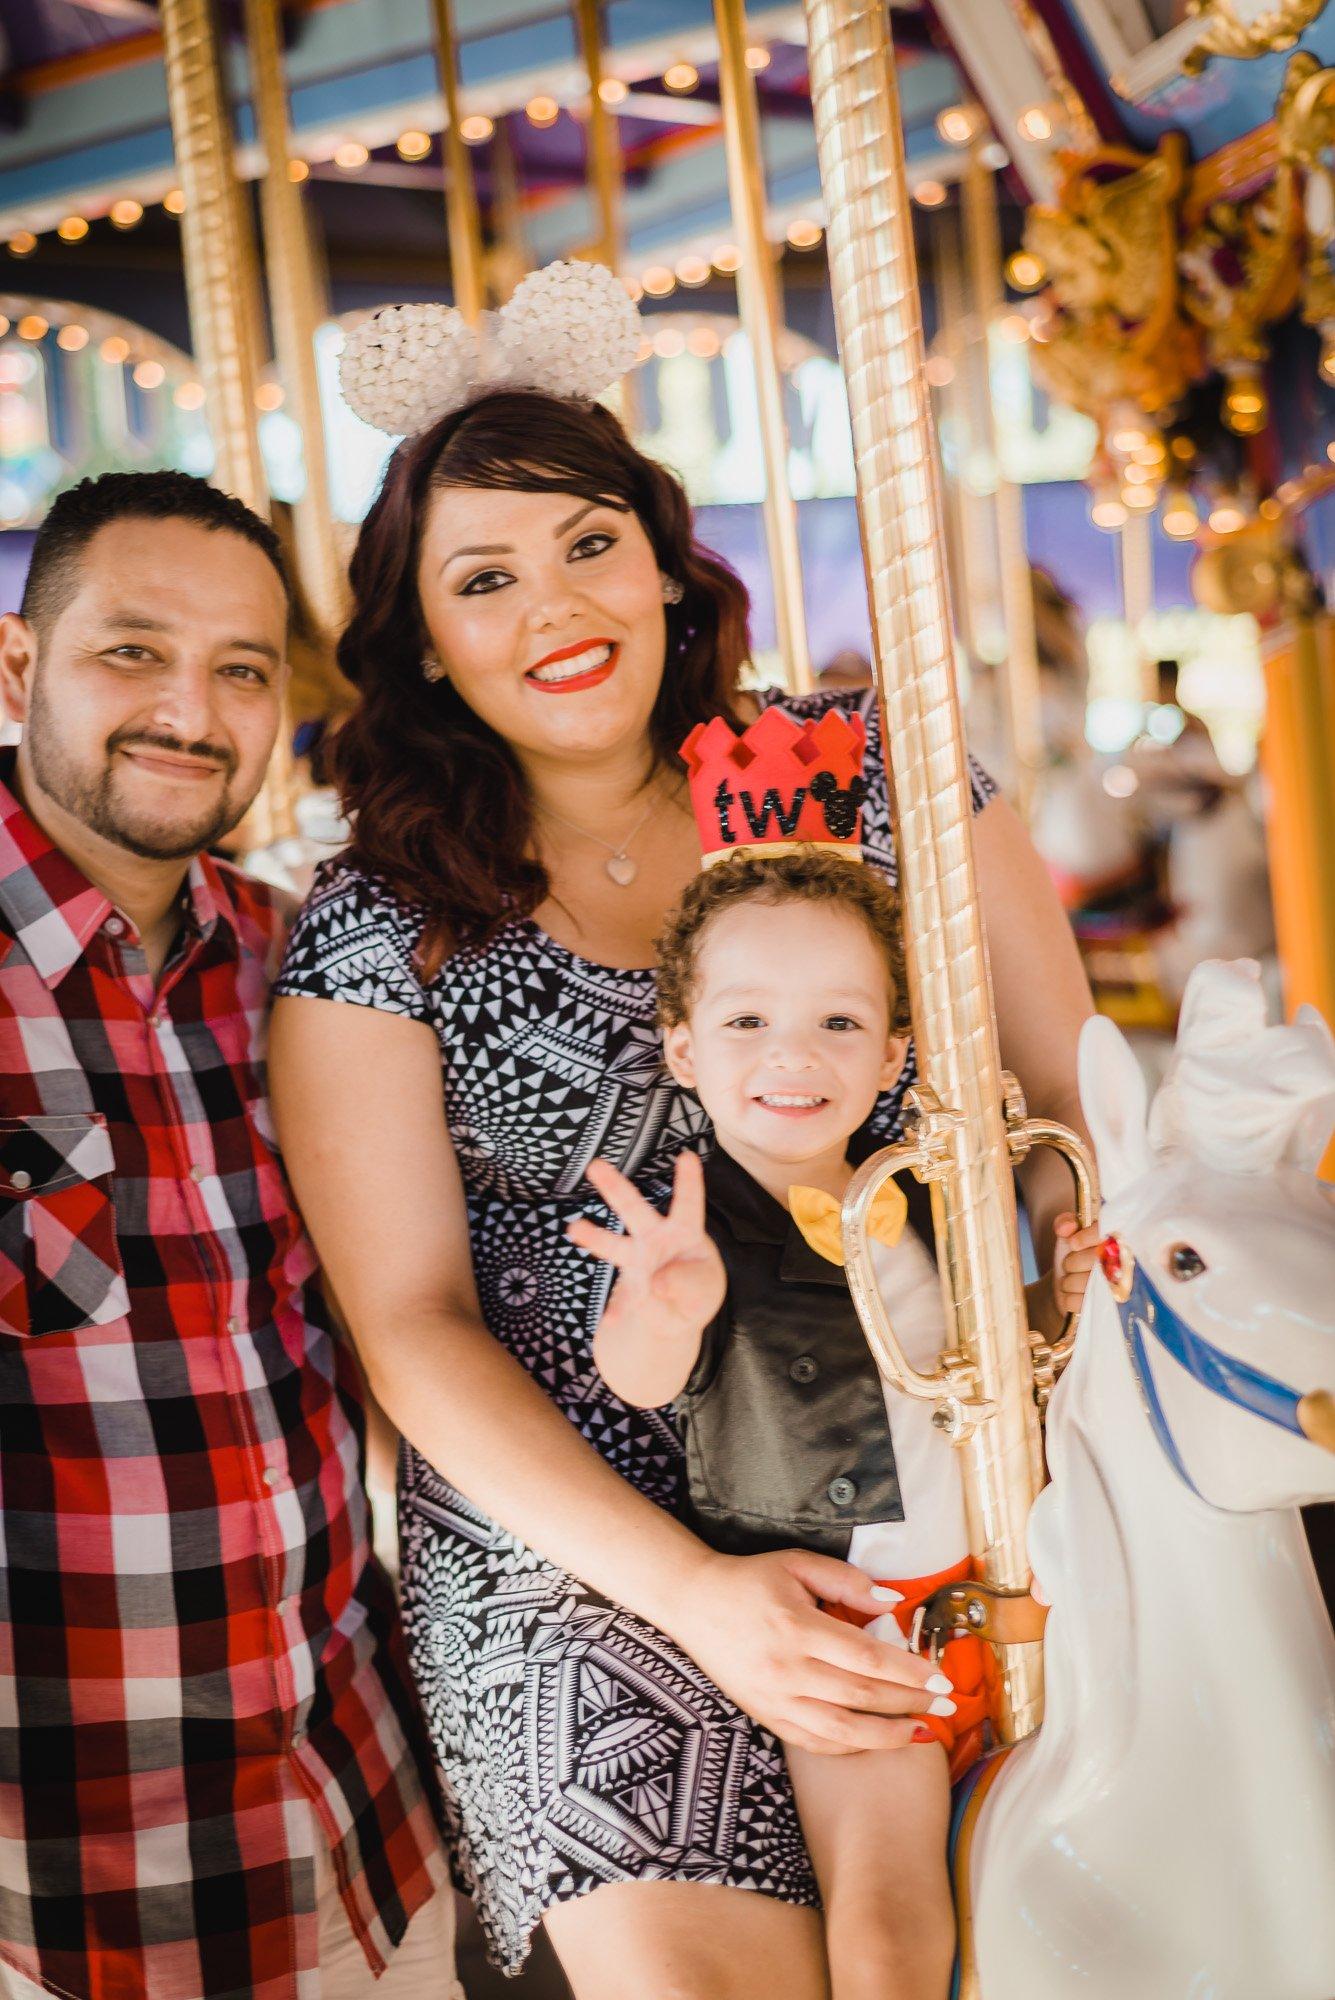 Diaz family on a carousel